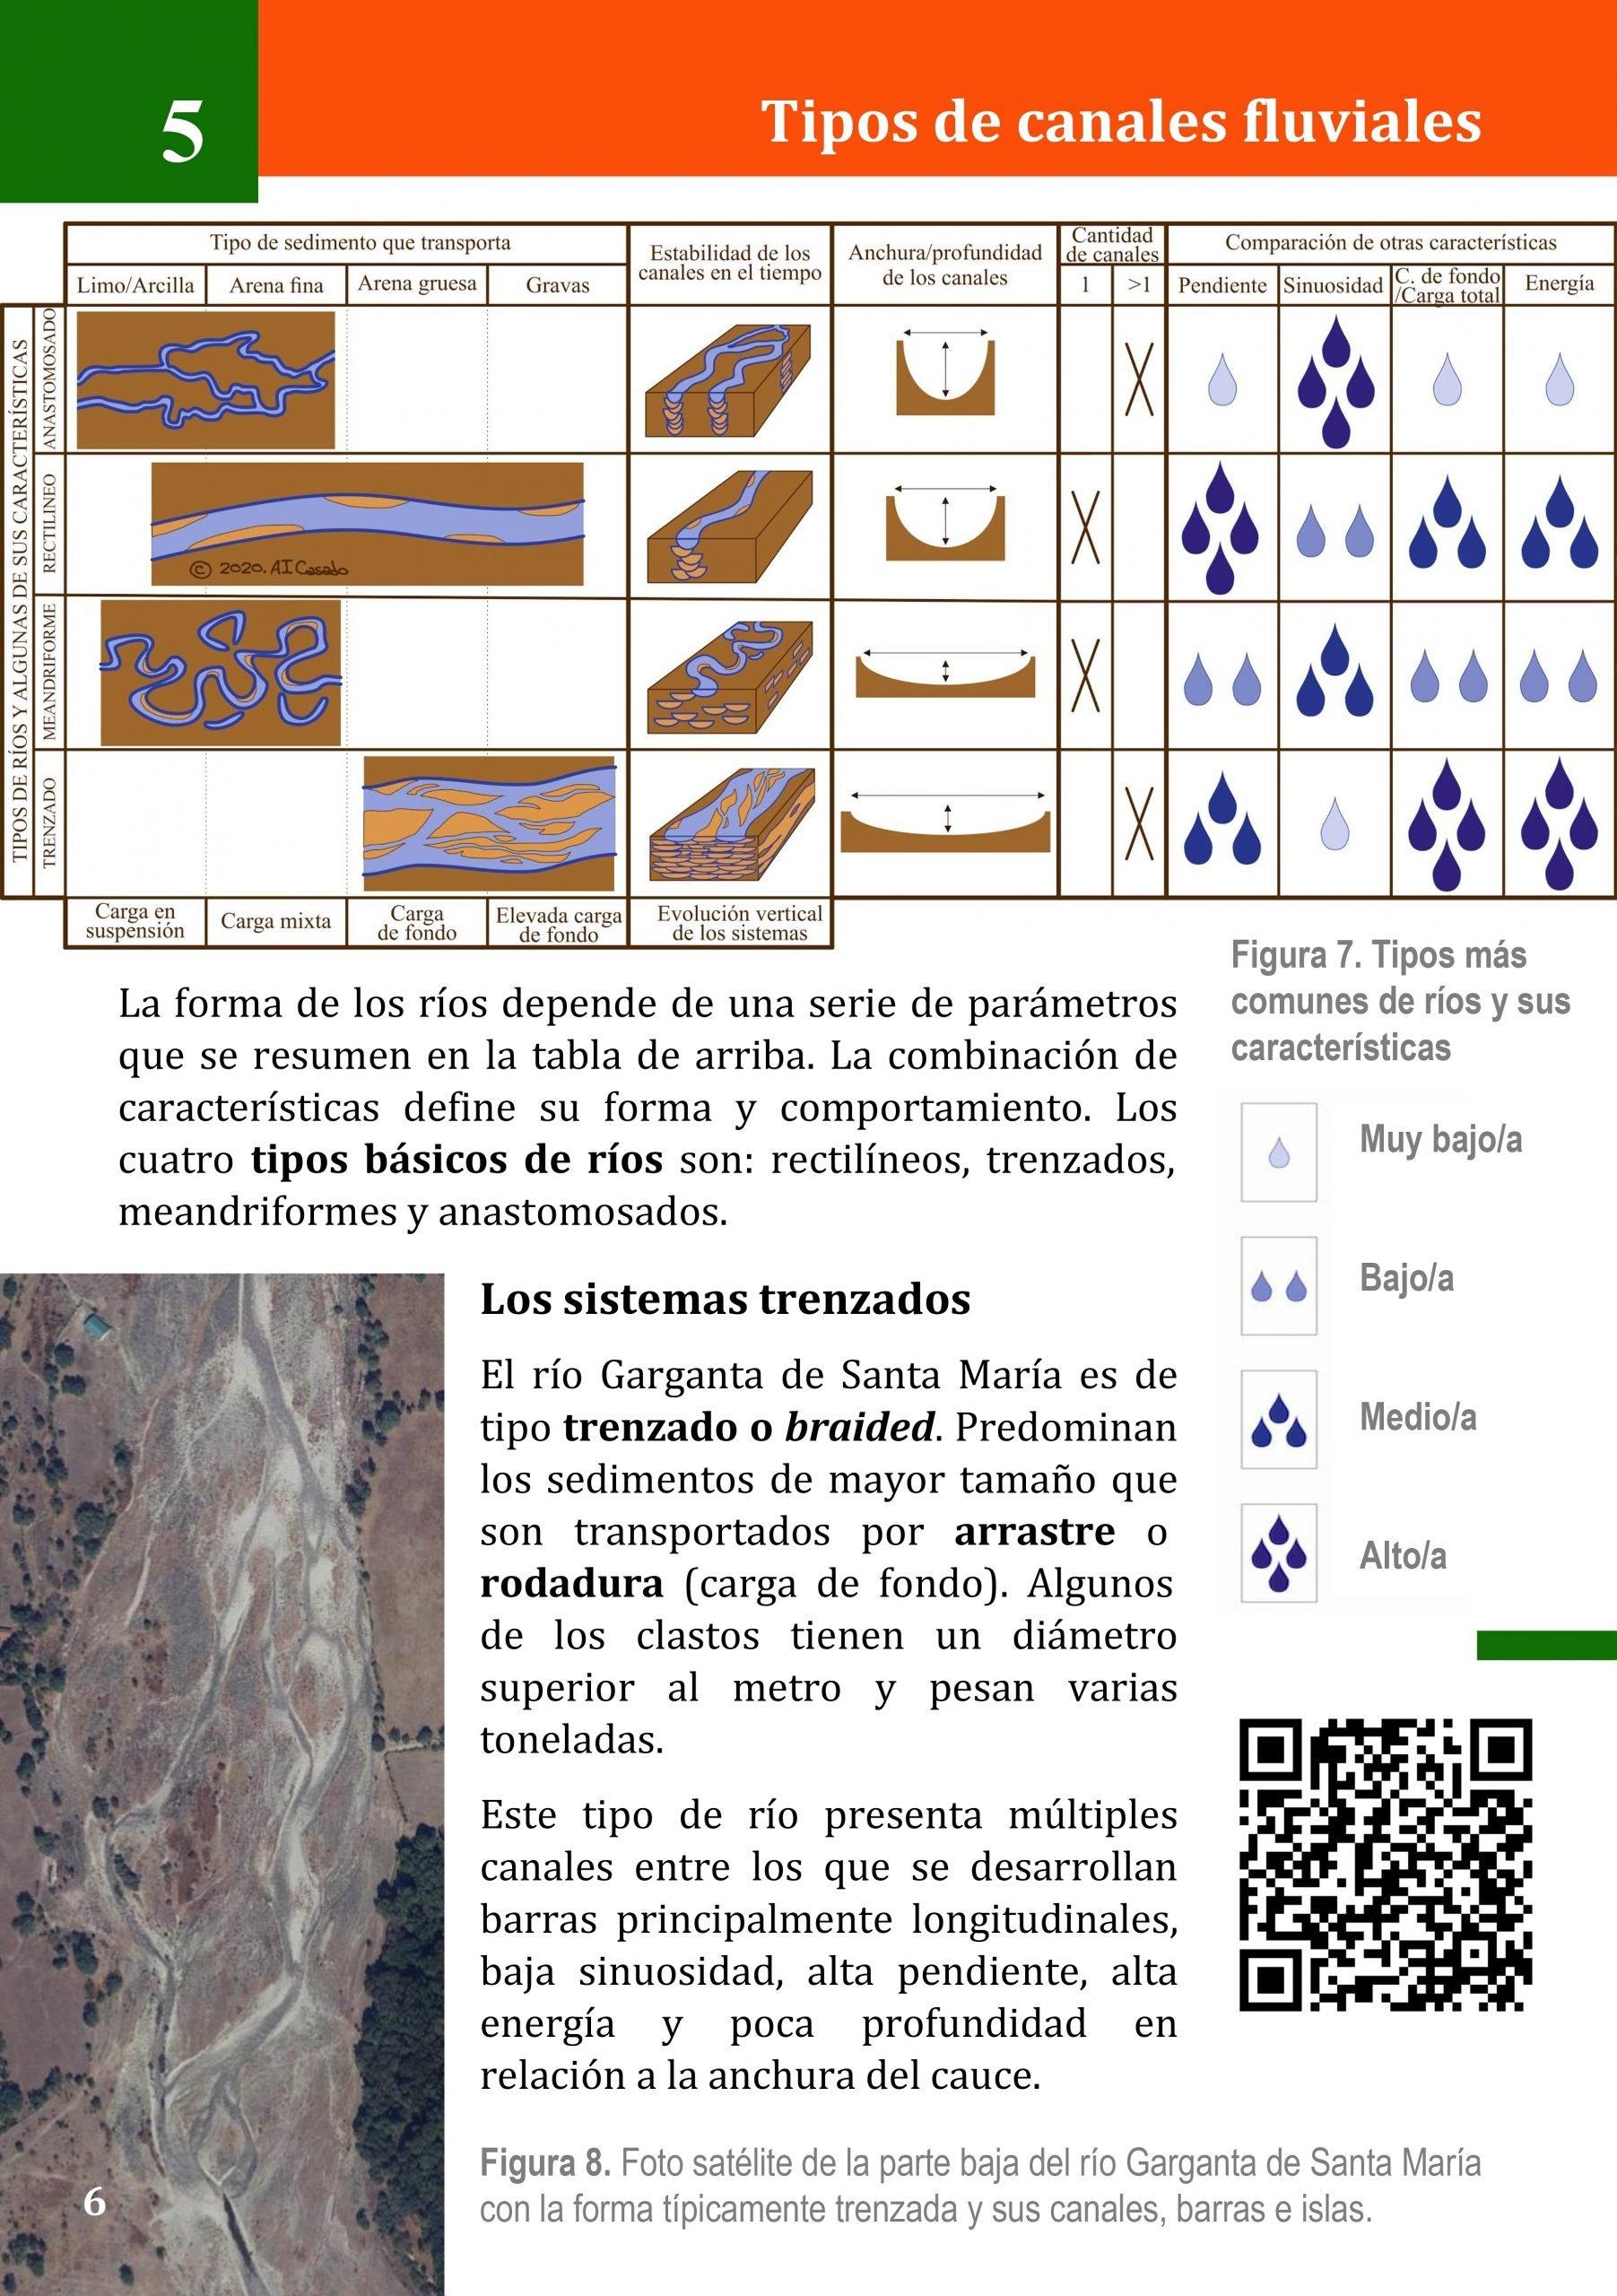 Geolodía 2021 - La montaña vaciada - Candeleda